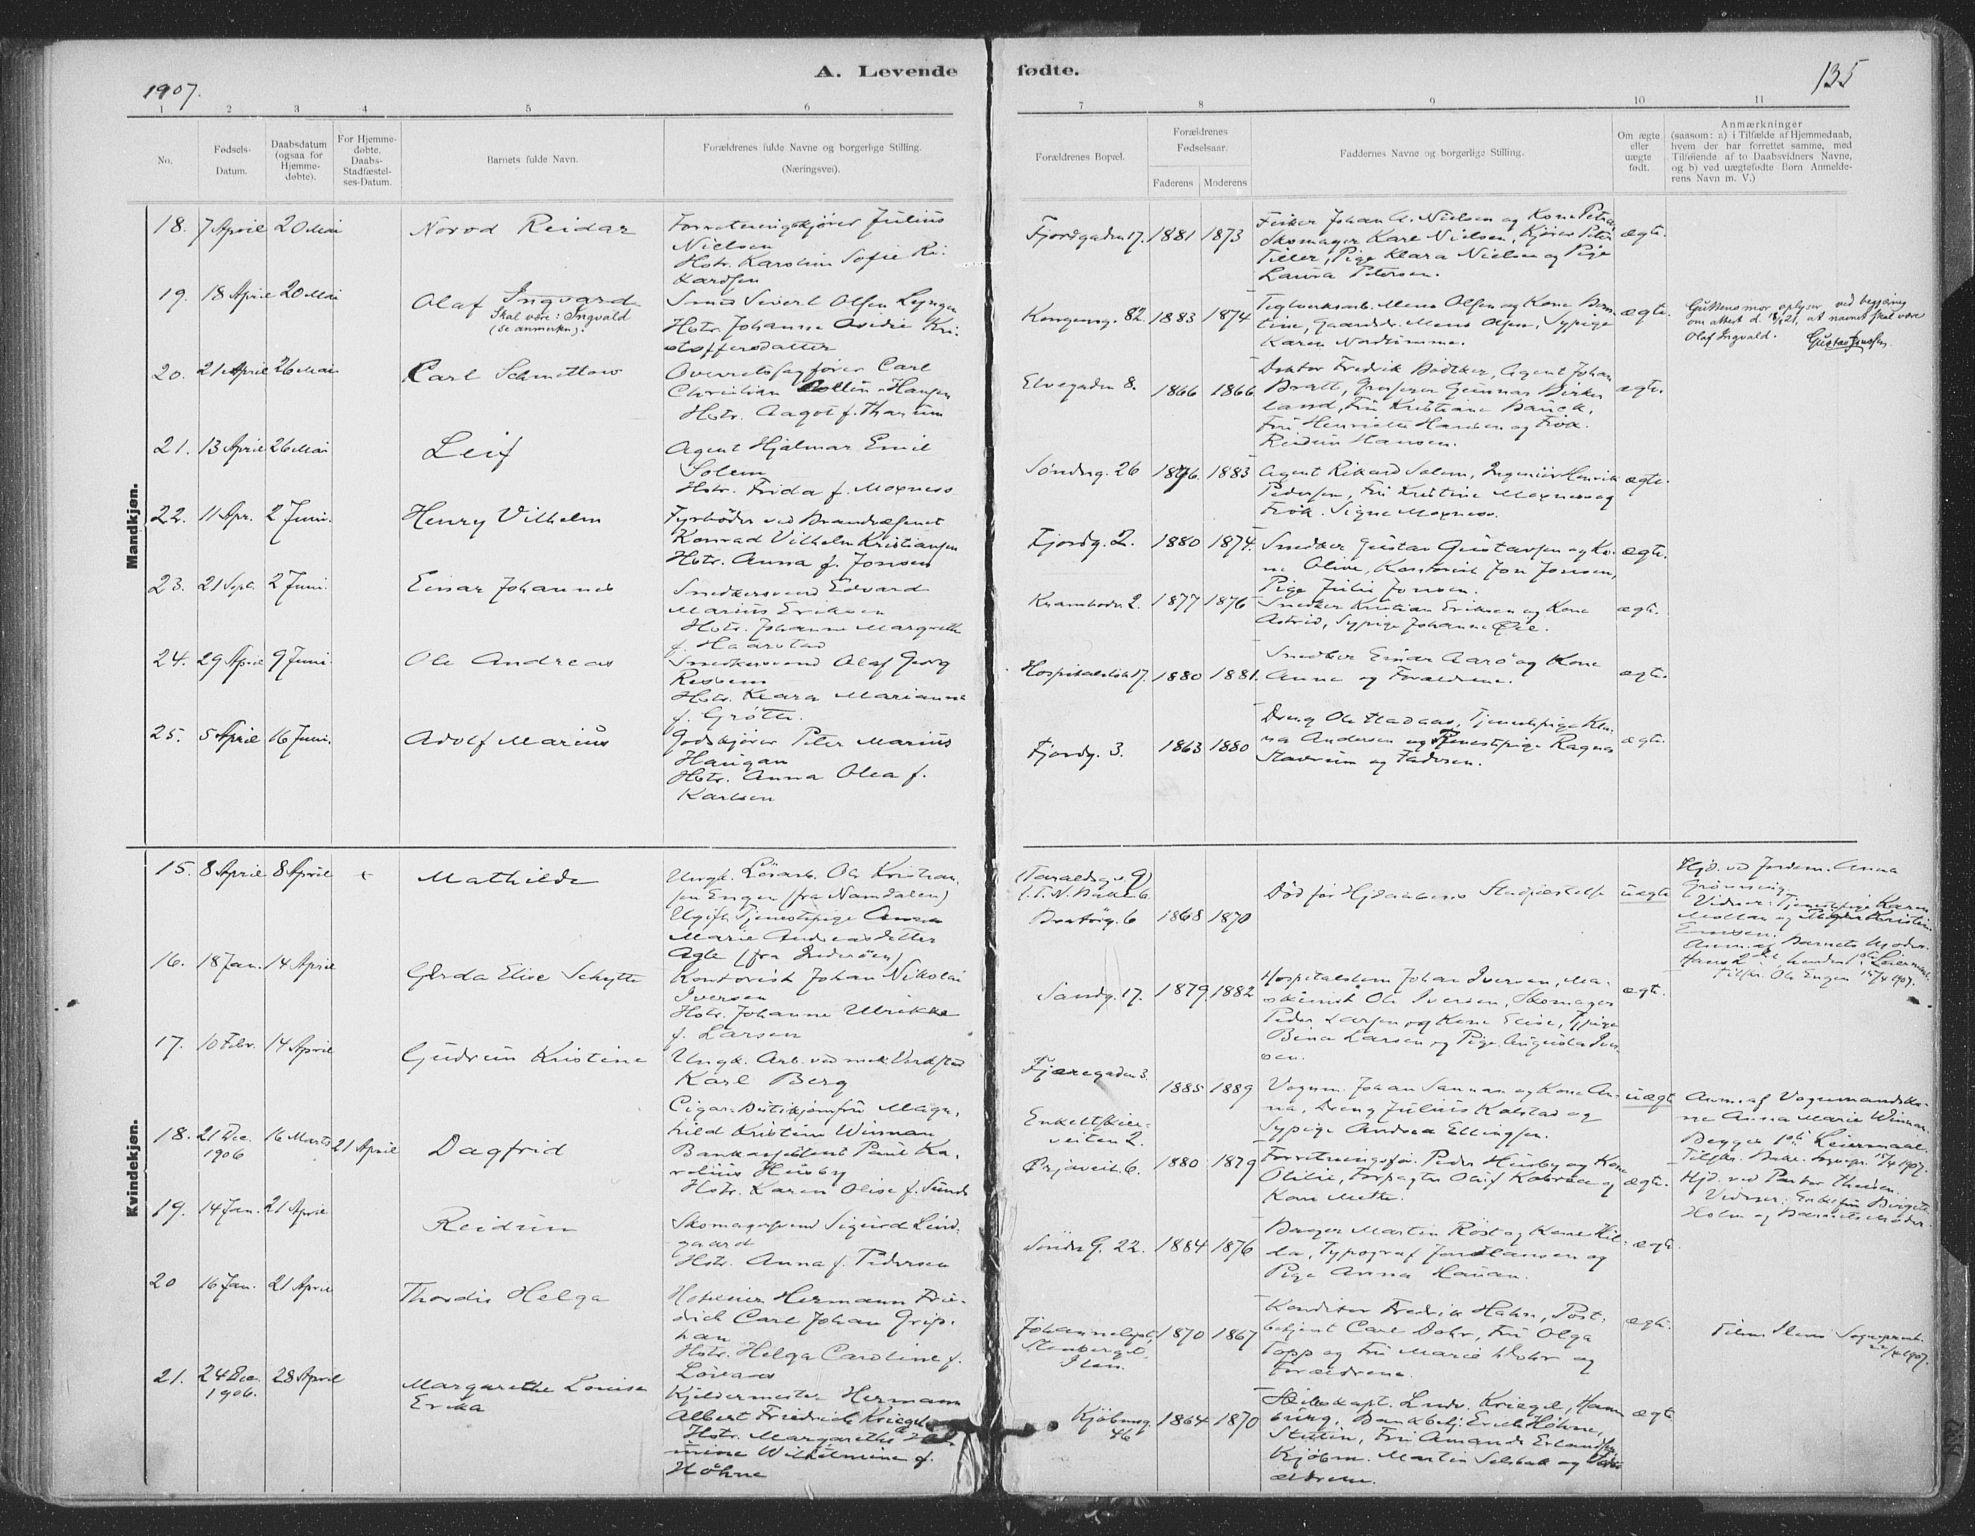 SAT, Ministerialprotokoller, klokkerbøker og fødselsregistre - Sør-Trøndelag, 602/L0122: Ministerialbok nr. 602A20, 1892-1908, s. 135